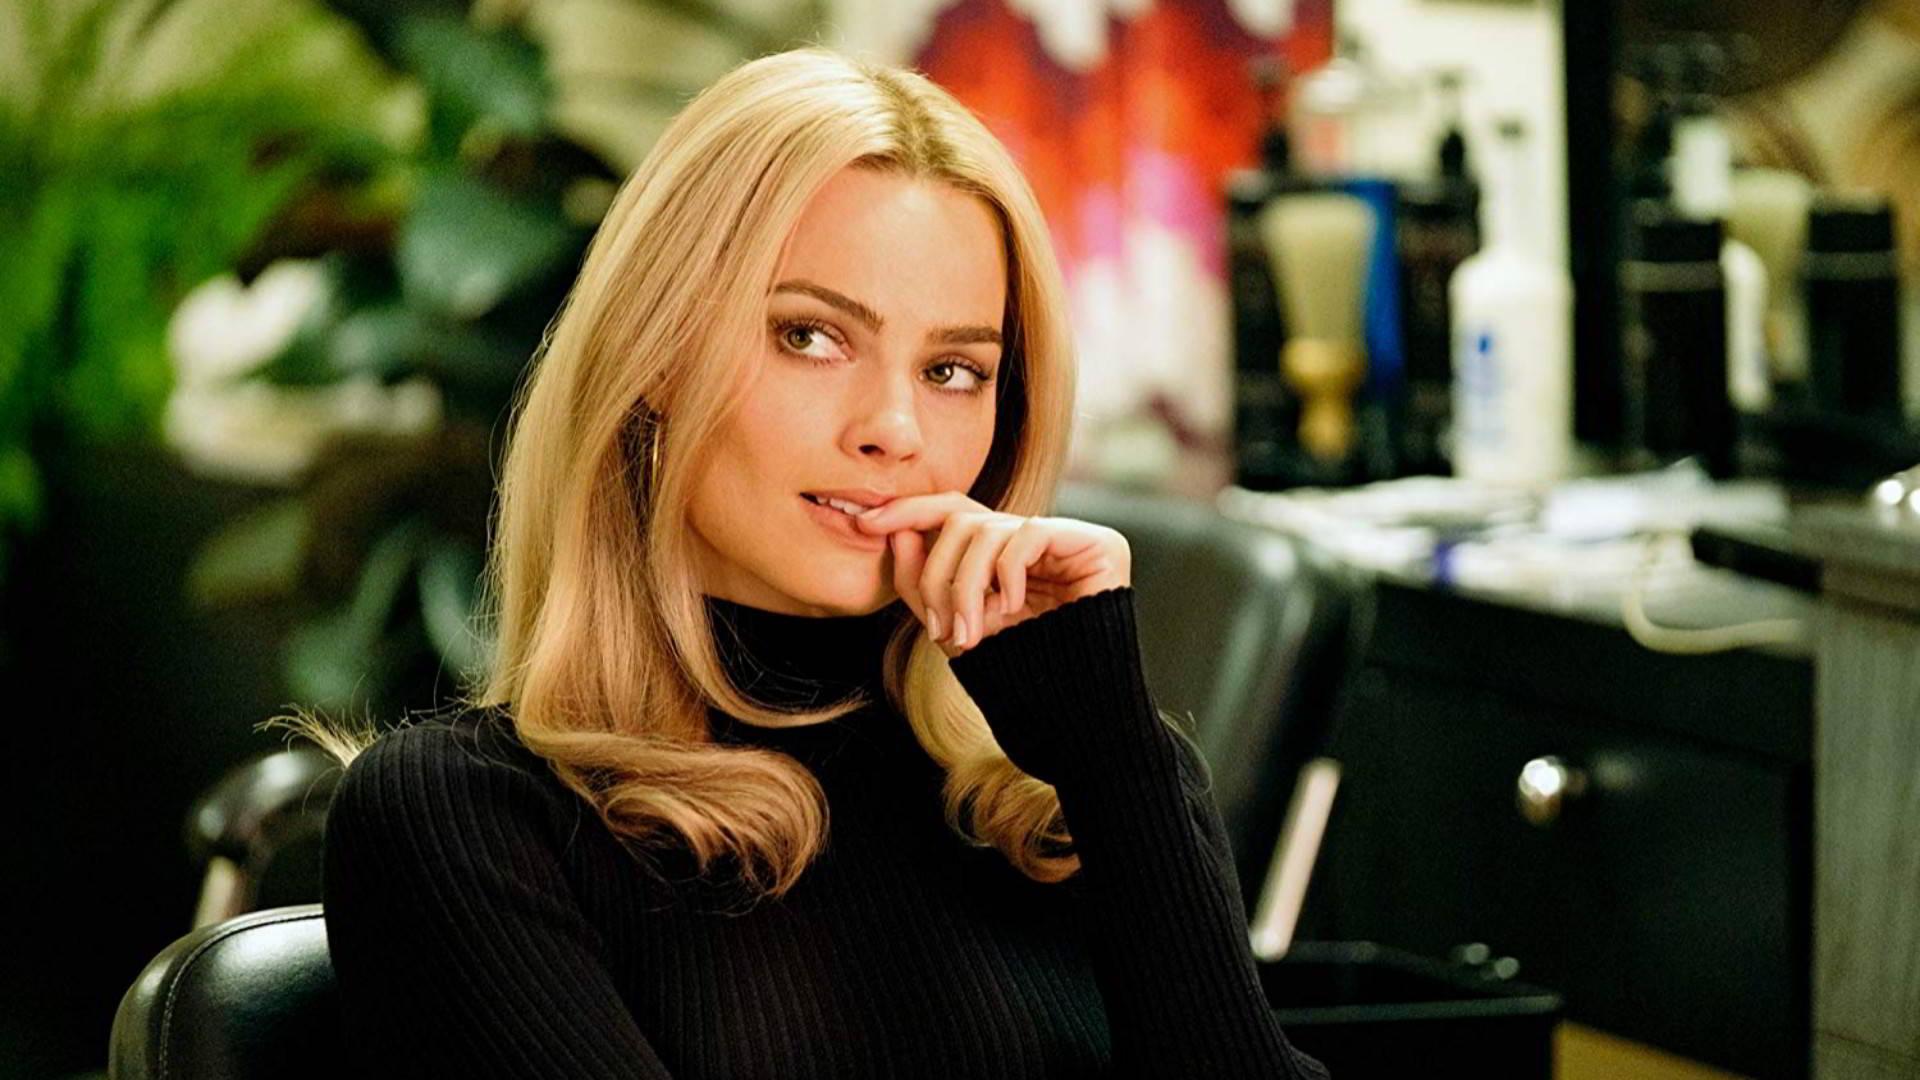 L'interpretazione di Margot Robbie emoziona la sorella di Sharon Tate